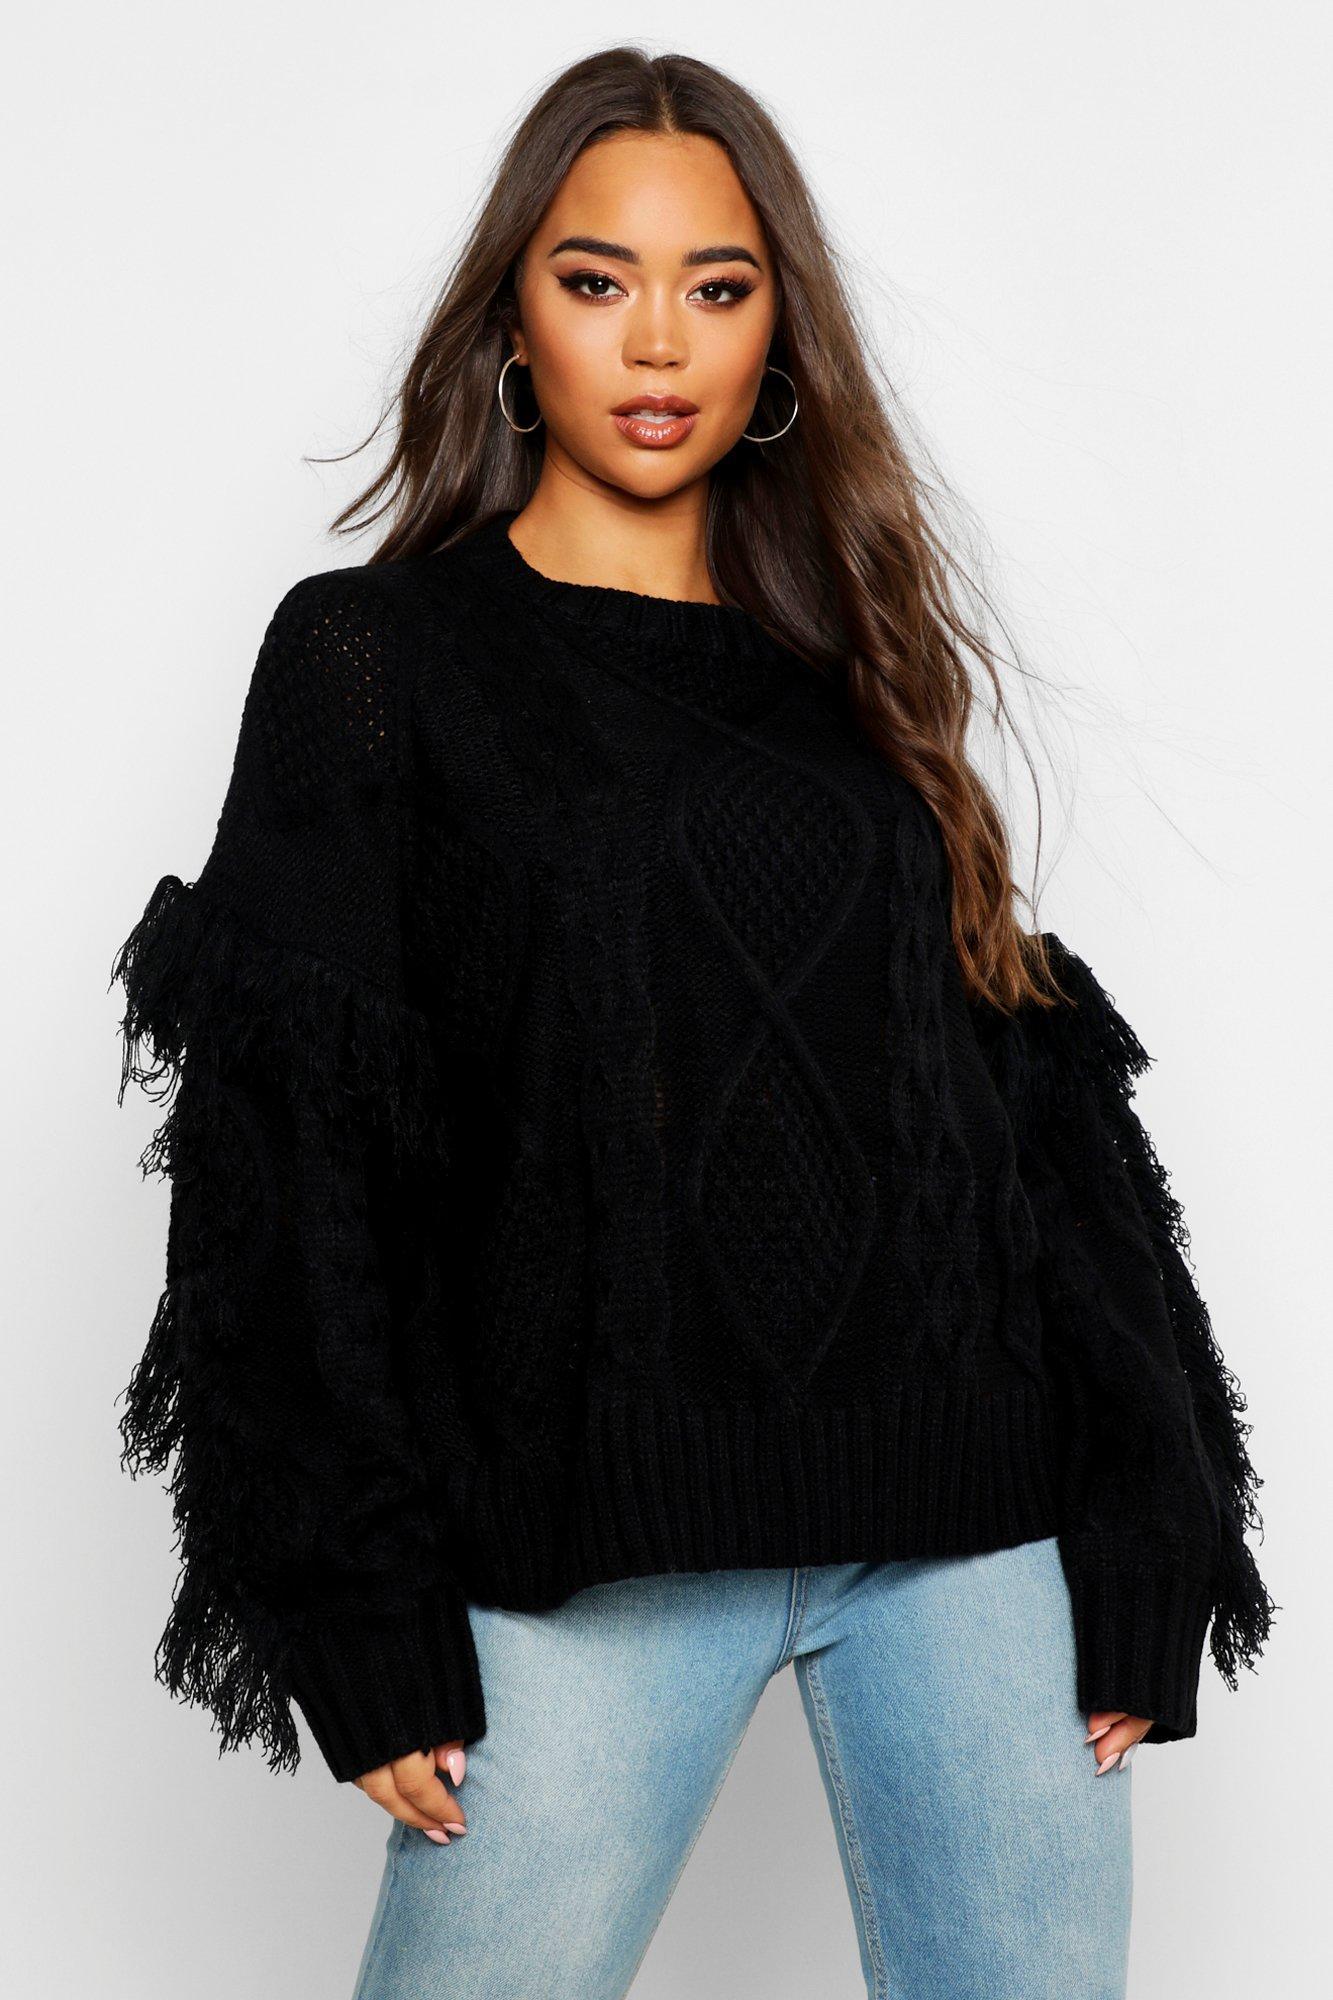 Womens gestrickter Pullover mit Zopfmuster - schwarz - S, Schwarz - Boohoo.com